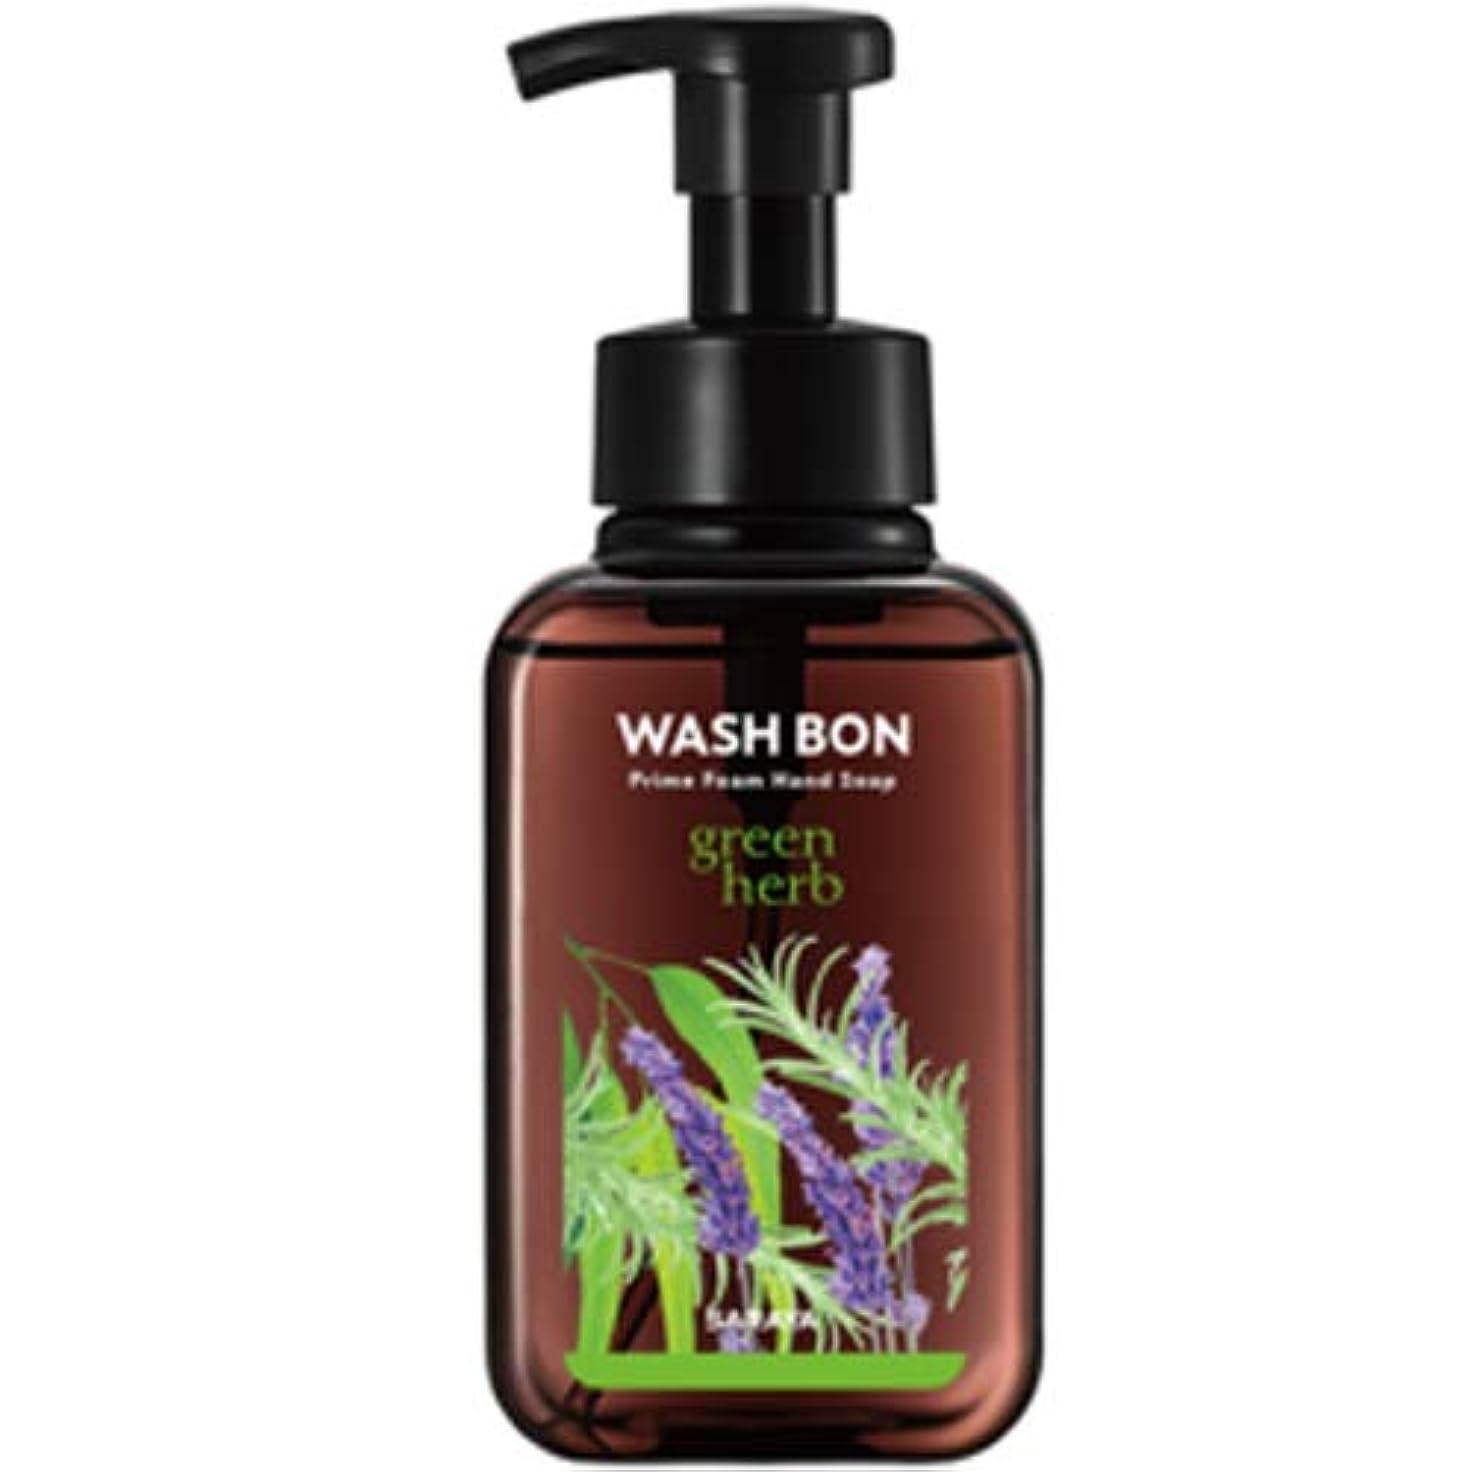 ウォシュボン(WASH VON) プライムフォーム グリーンハーブ 本体 500ml×3個セット